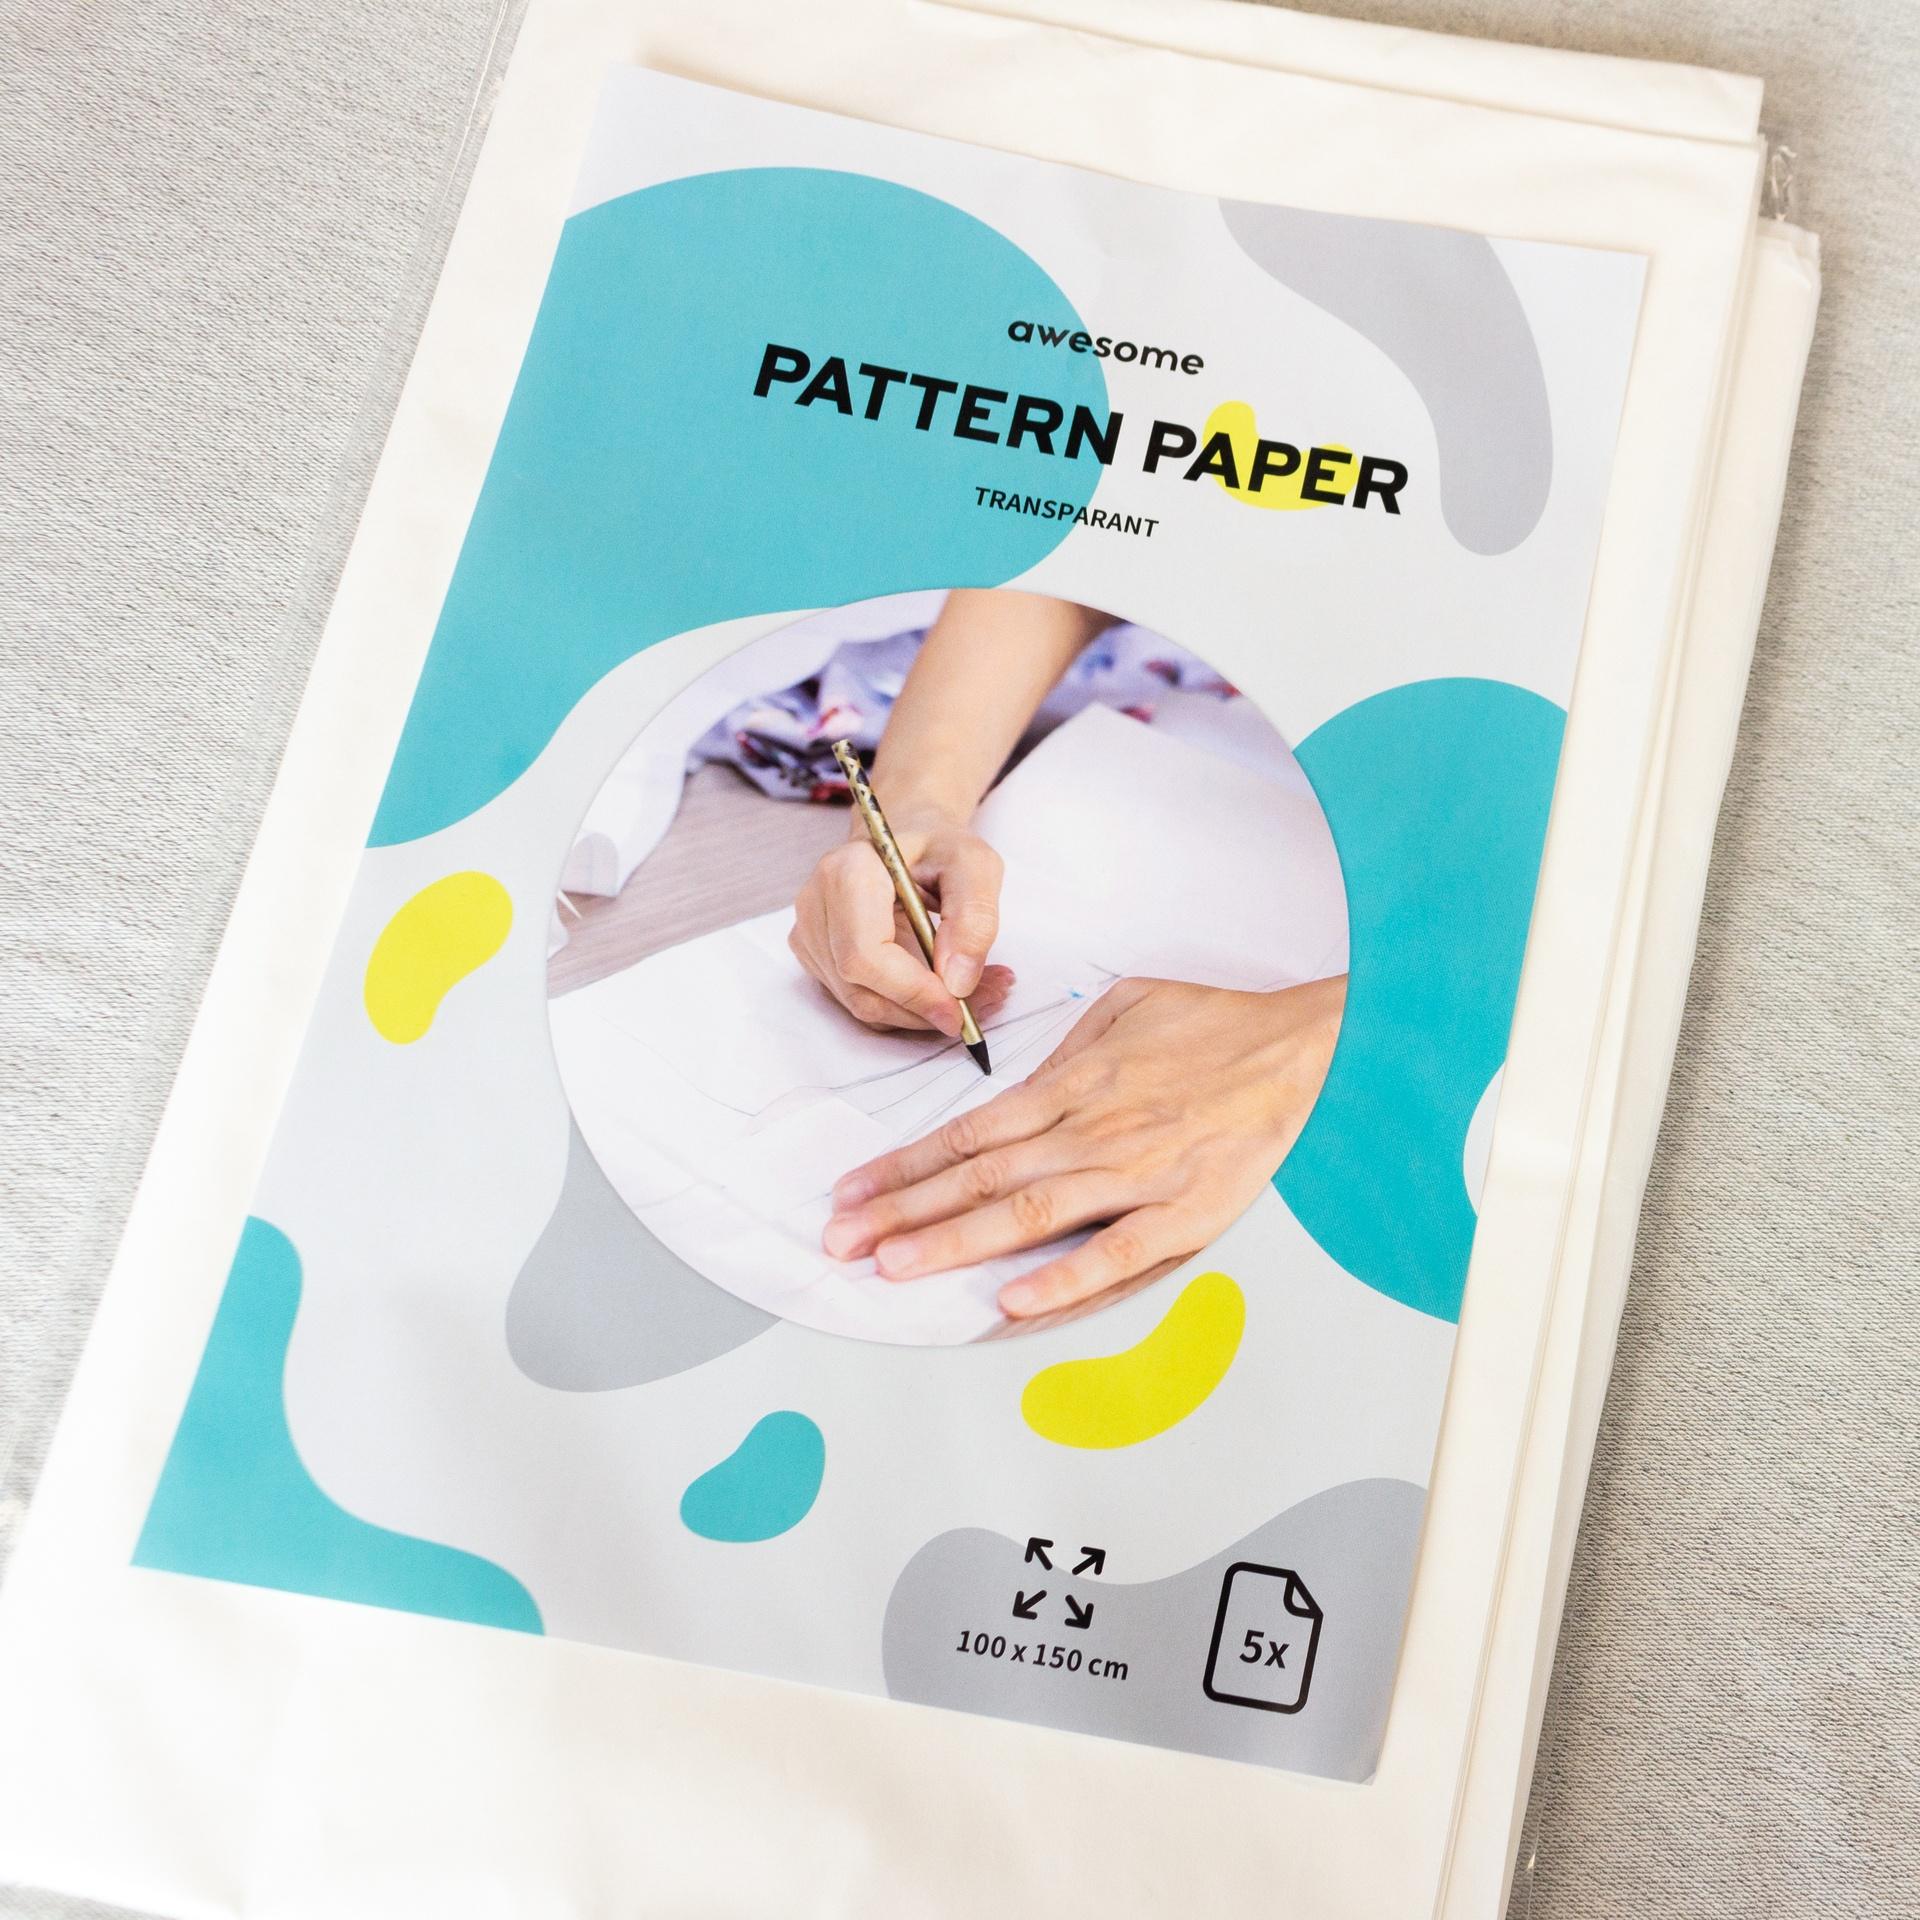 Schnittmusterpapier - 100cmx150cm - 5 Stück - Transparent